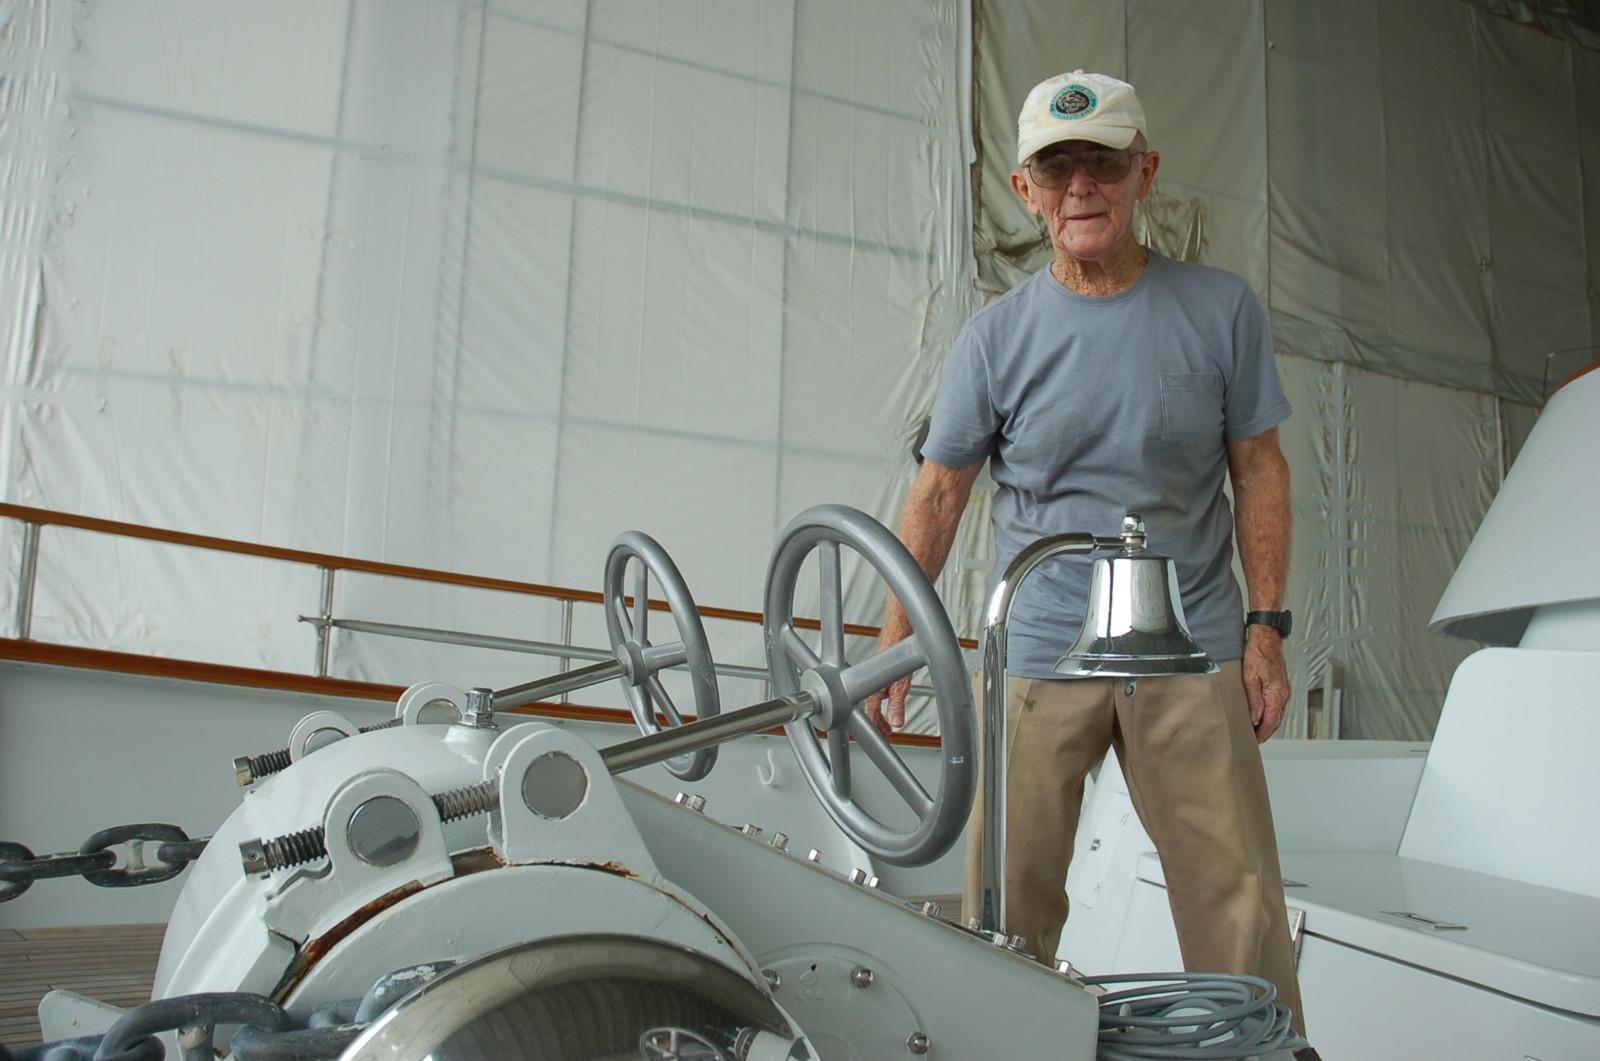 crew-43-years-hastings-larry-21